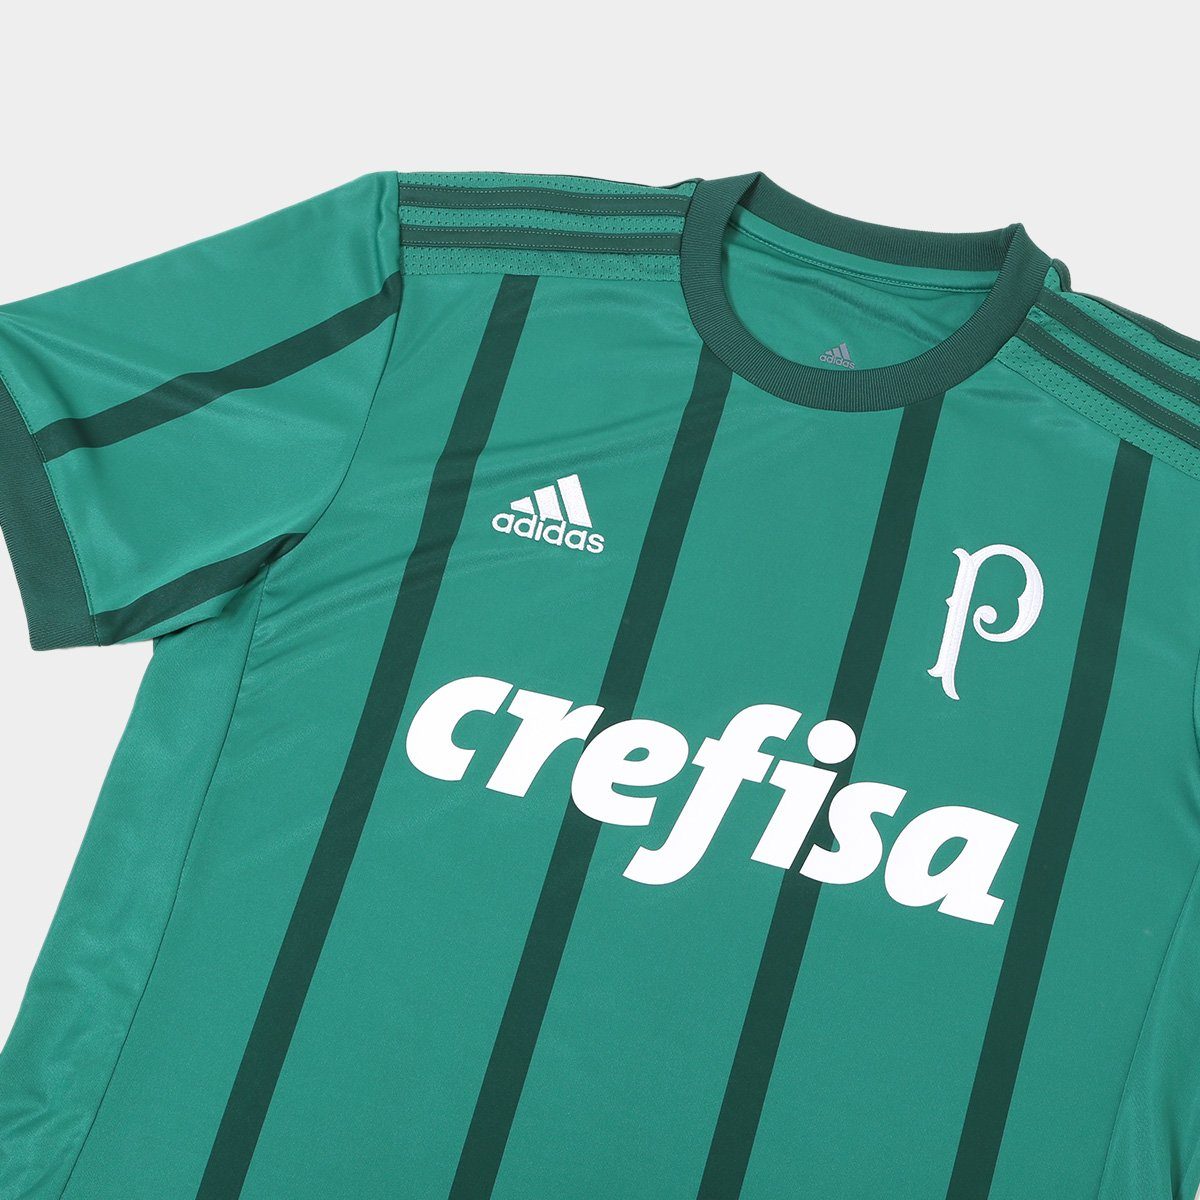 2a2871ae28 Camisa Palmeiras I 17 18 nº 20 - Lucas Lima Adidas Masculina ...